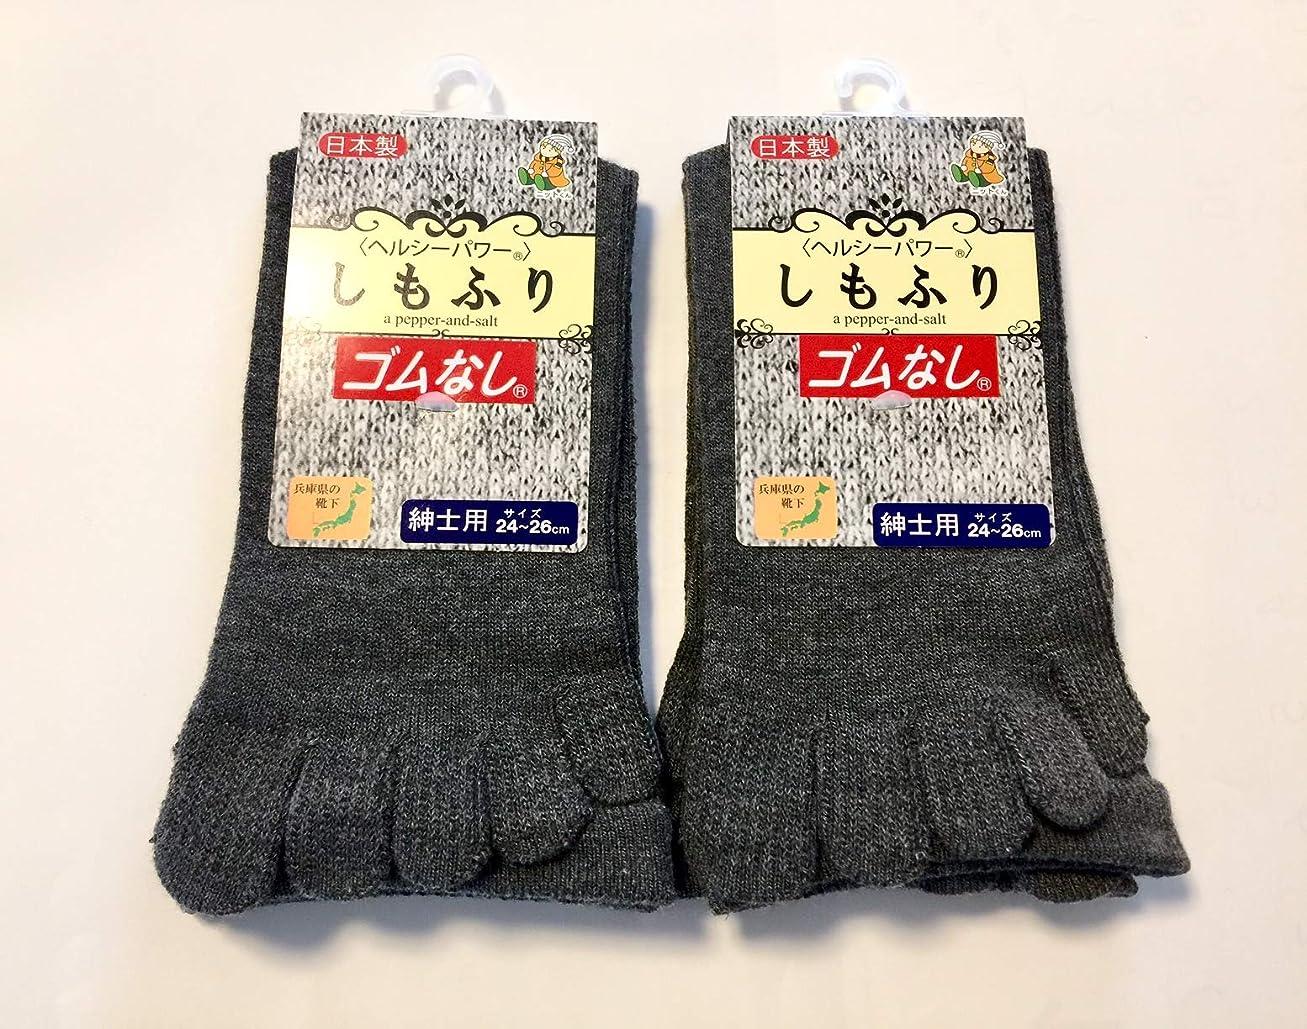 分散ましい予報日本製 5本指ソックス メンズ 口ゴムなし しめつけない靴下 24~26cm チャコール2足組